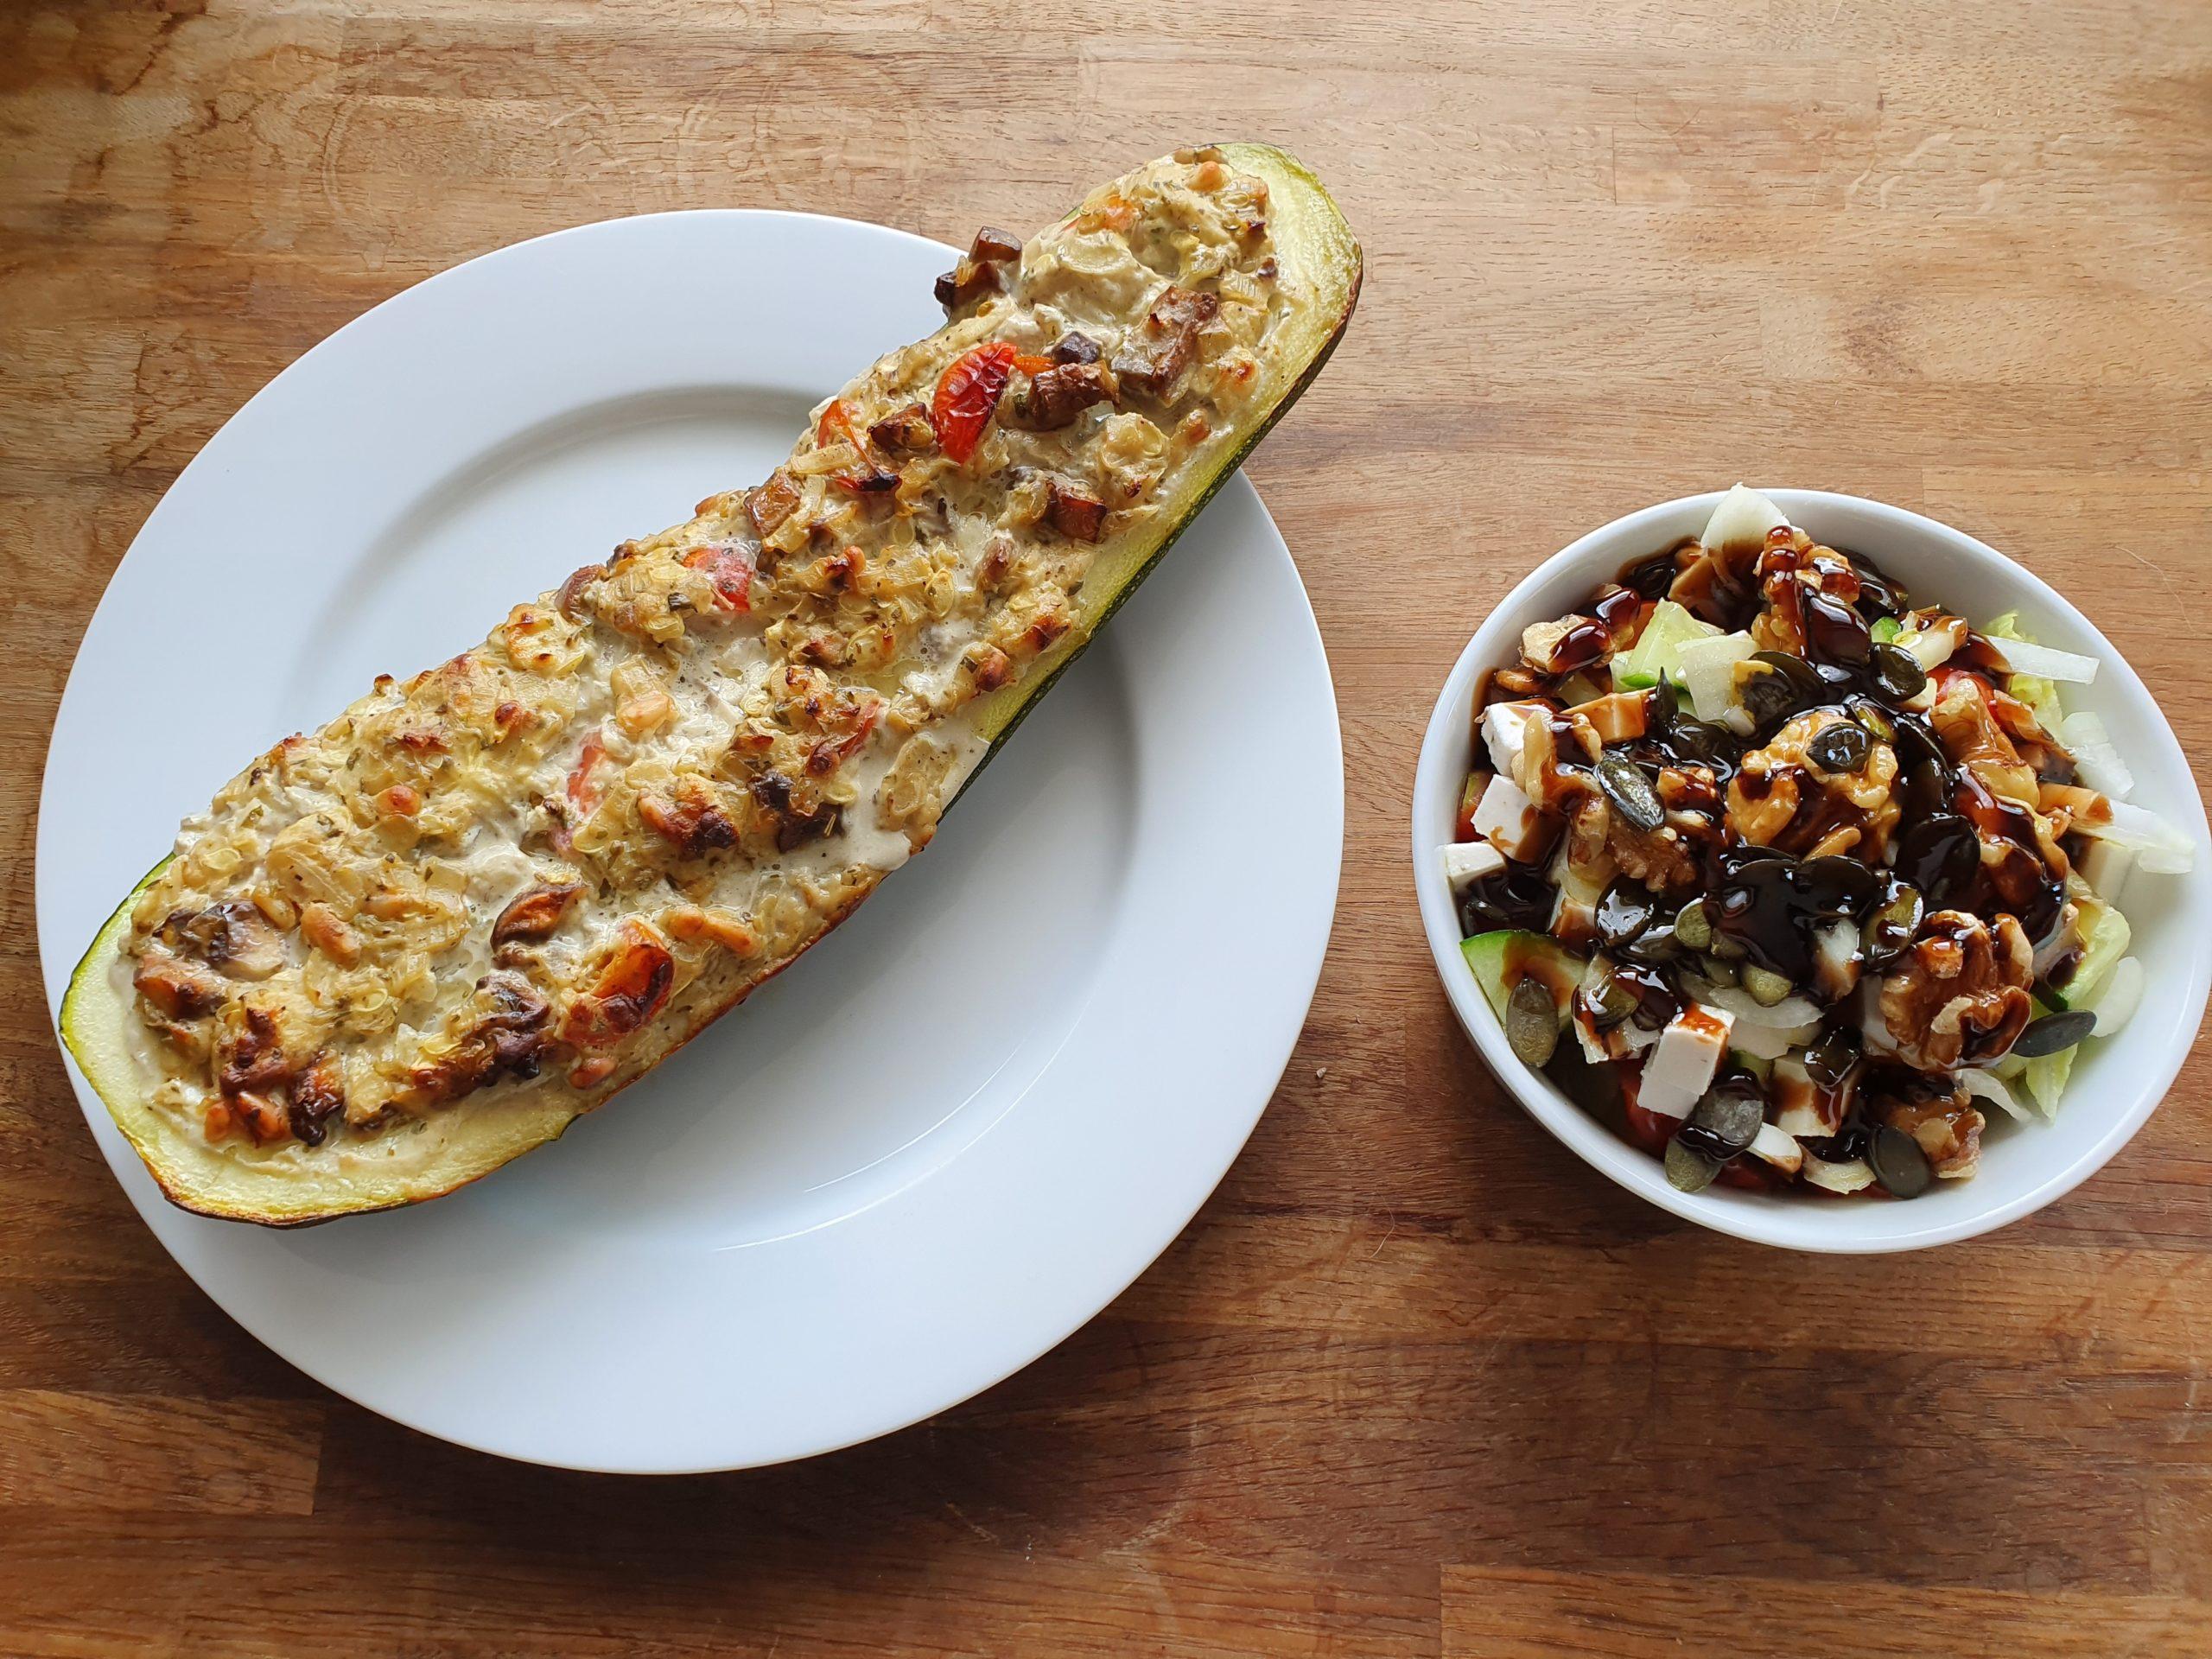 Gefüllte Zucchini Vegan mit frischem Salat